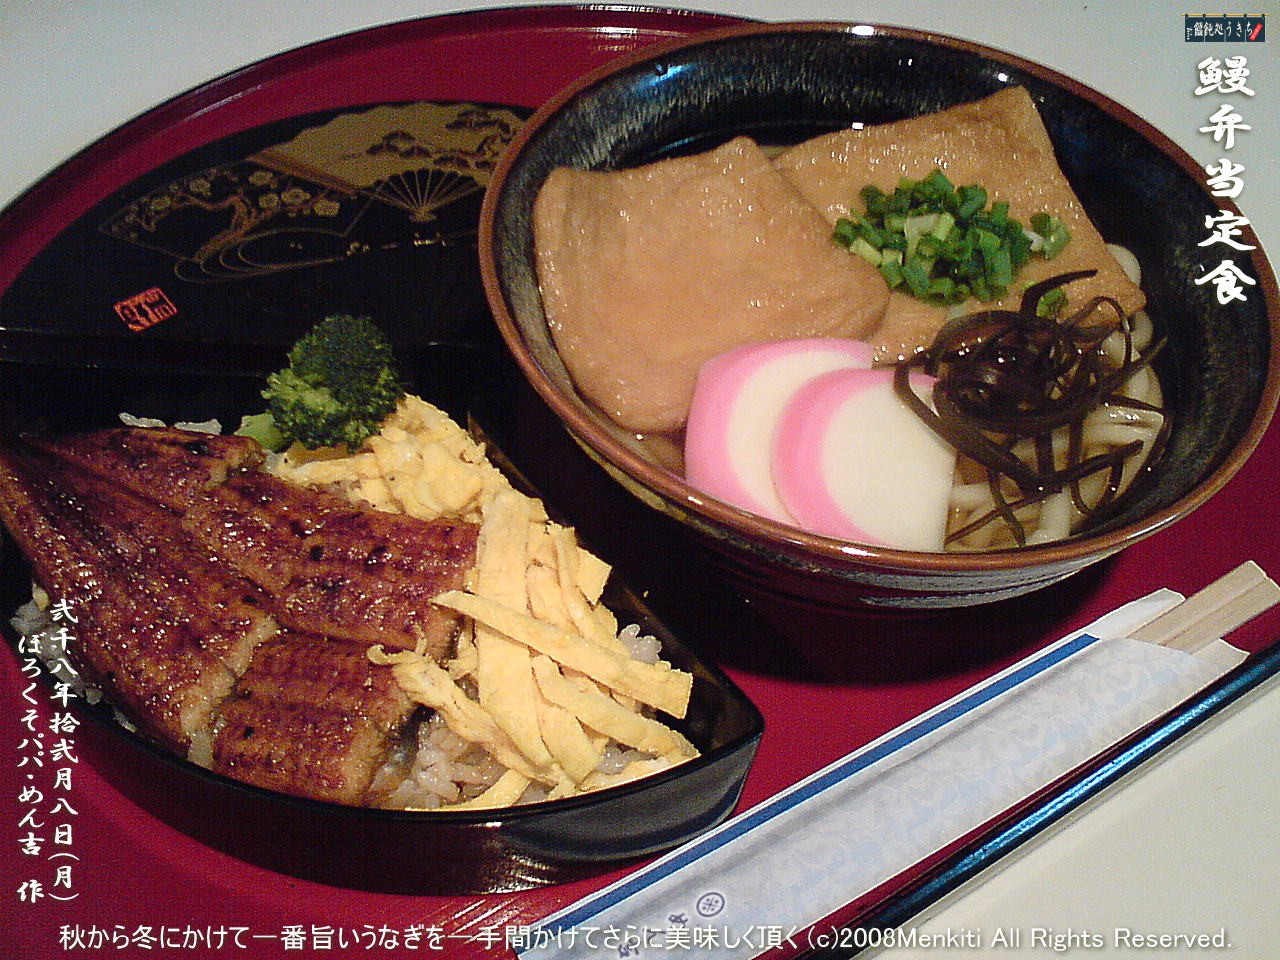 12/8(月)鰻弁当定食:秋から冬にかけて一番旨いうなぎを一手間かけてさらに美味しく頂く@キャツピ&めん吉の【ぼろくそパパの独り言】    ▼クリックで1280x960pxlsに拡大します。